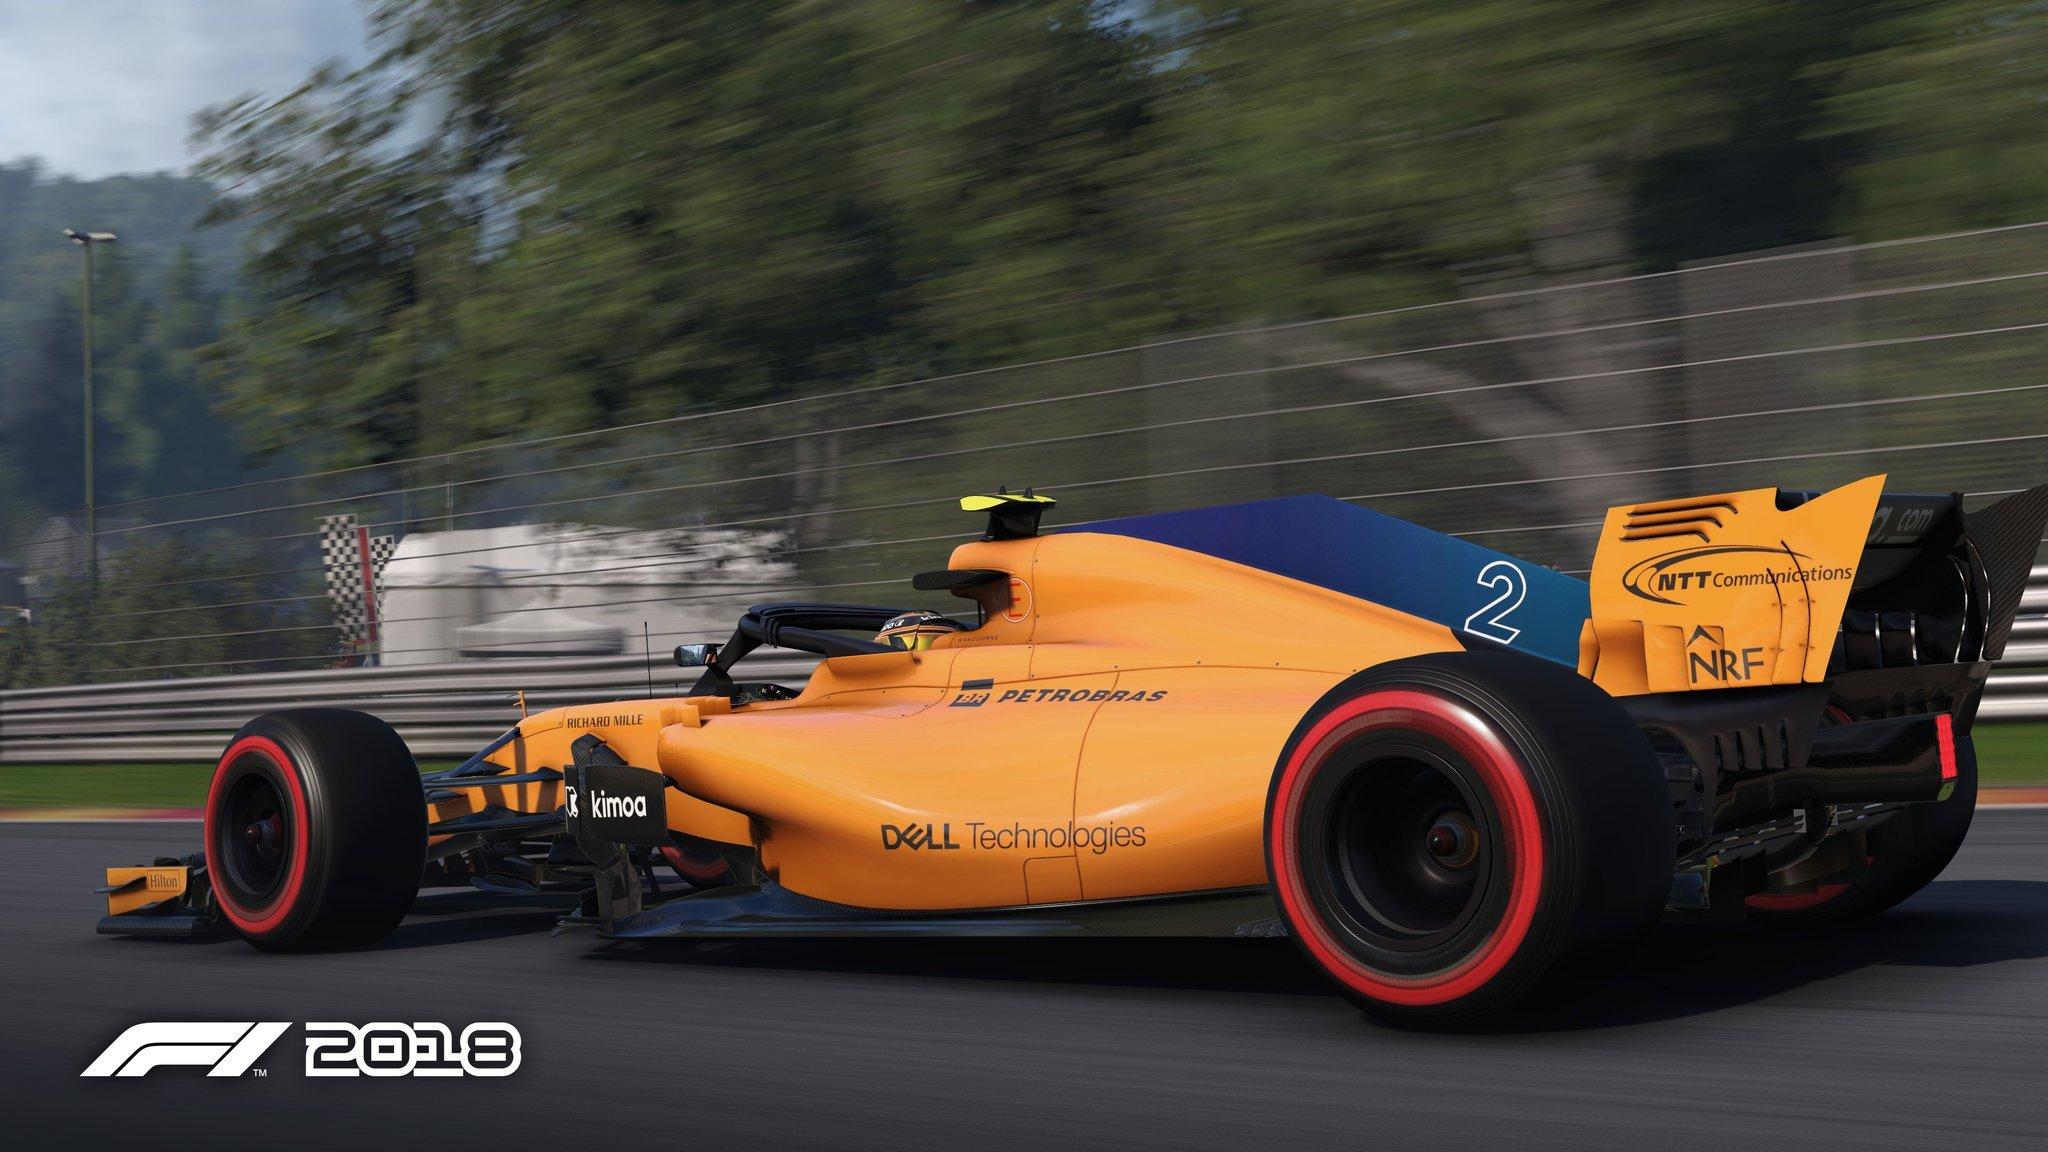 F1 2018 updates 1